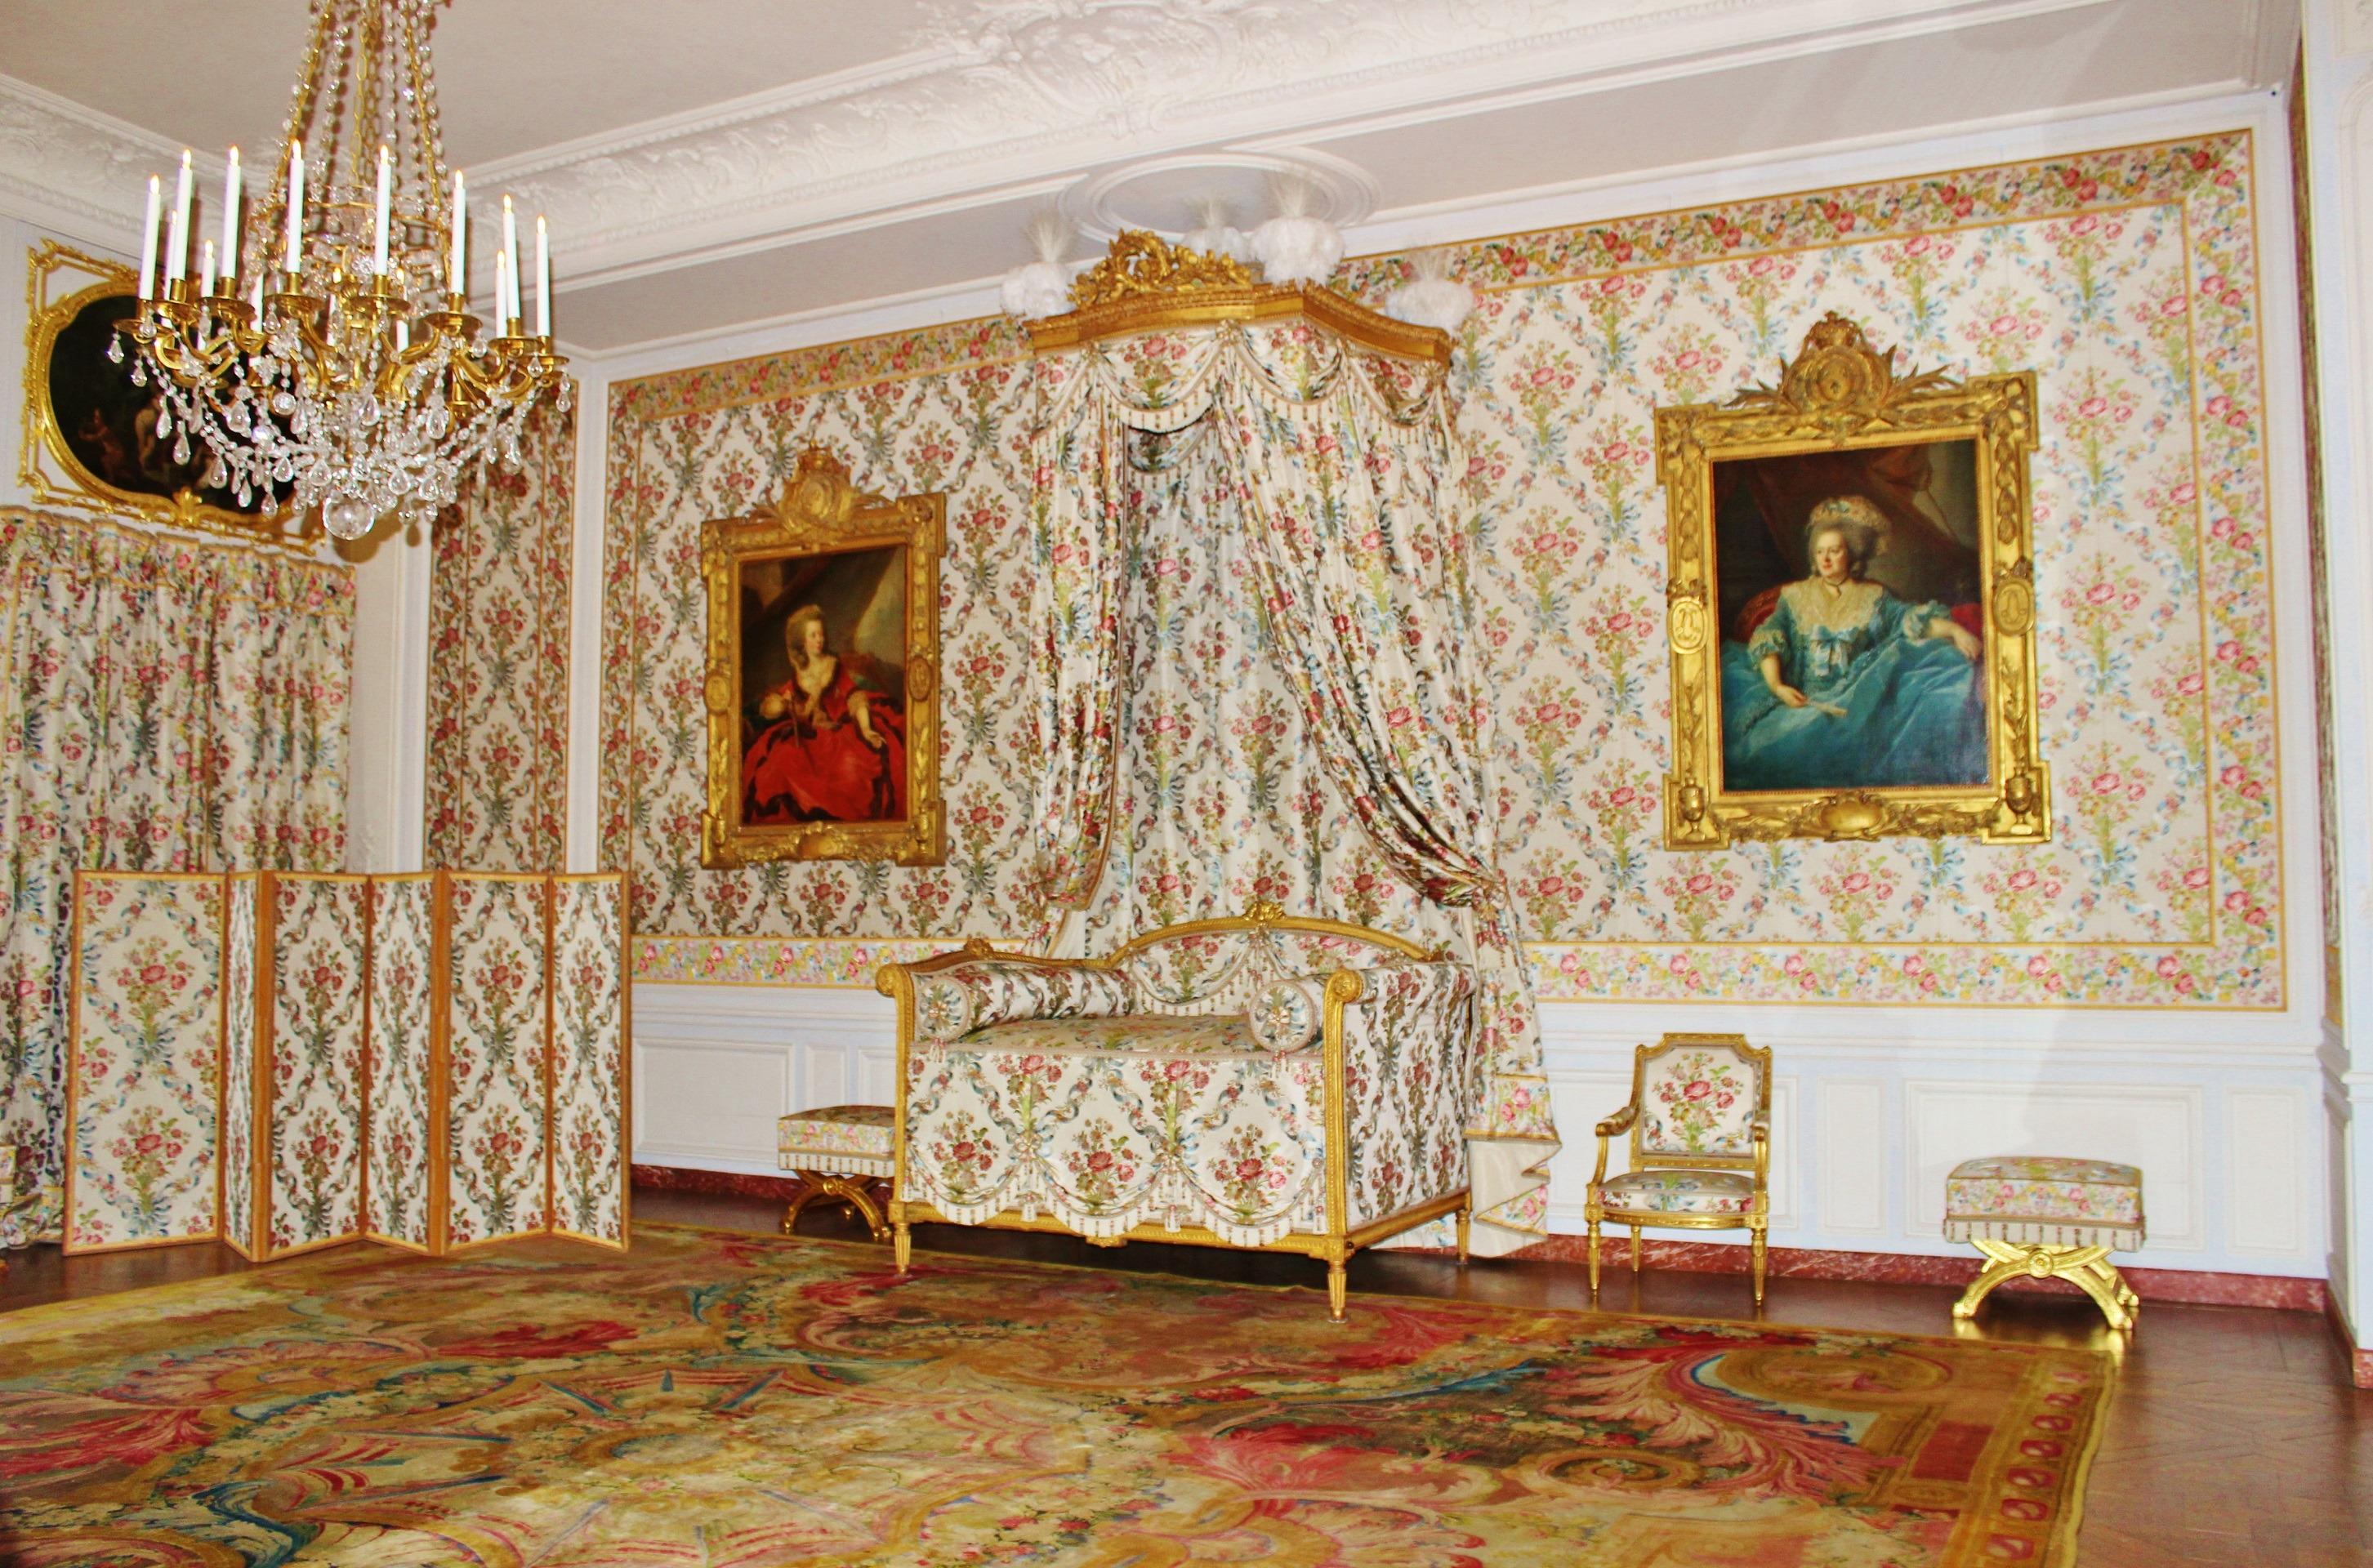 Die Architektur Innere Gebäude Palast Paris Frankreich Wahrzeichen  Wohnzimmer Historisch Zimmer Innenarchitektur Innen Altar Wandgemälde  Geschichte